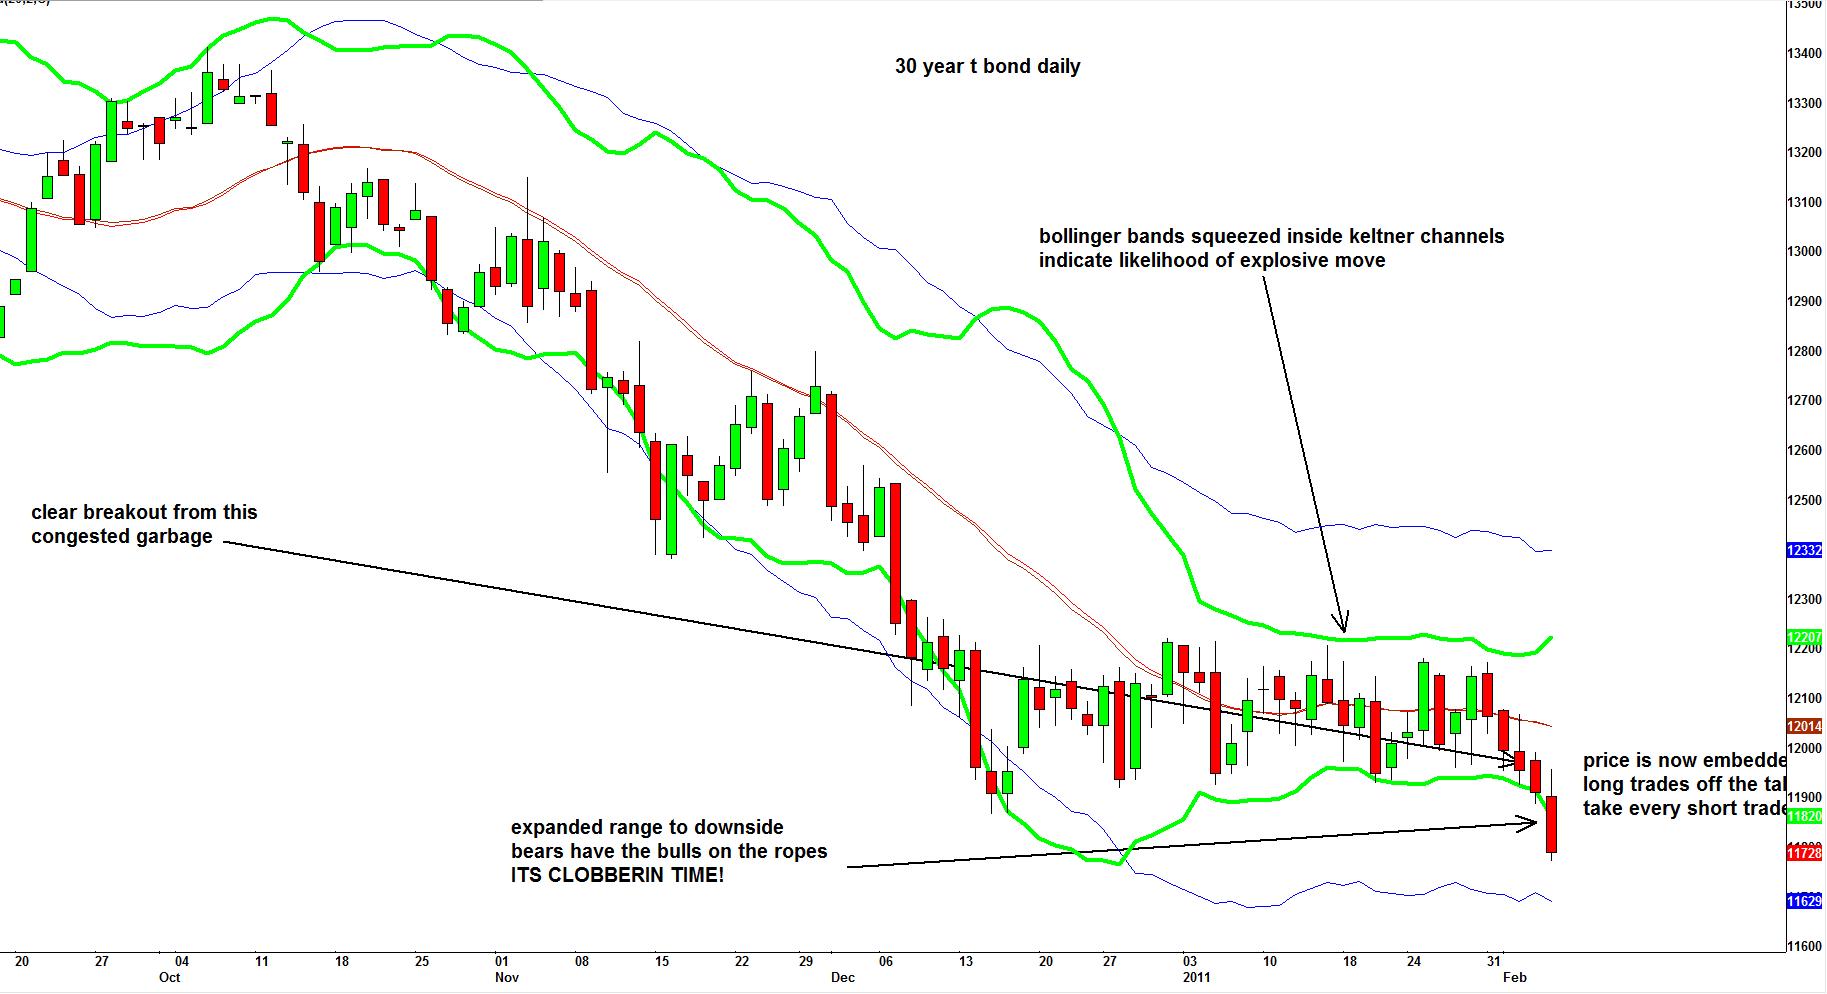 Momentum options trading llc